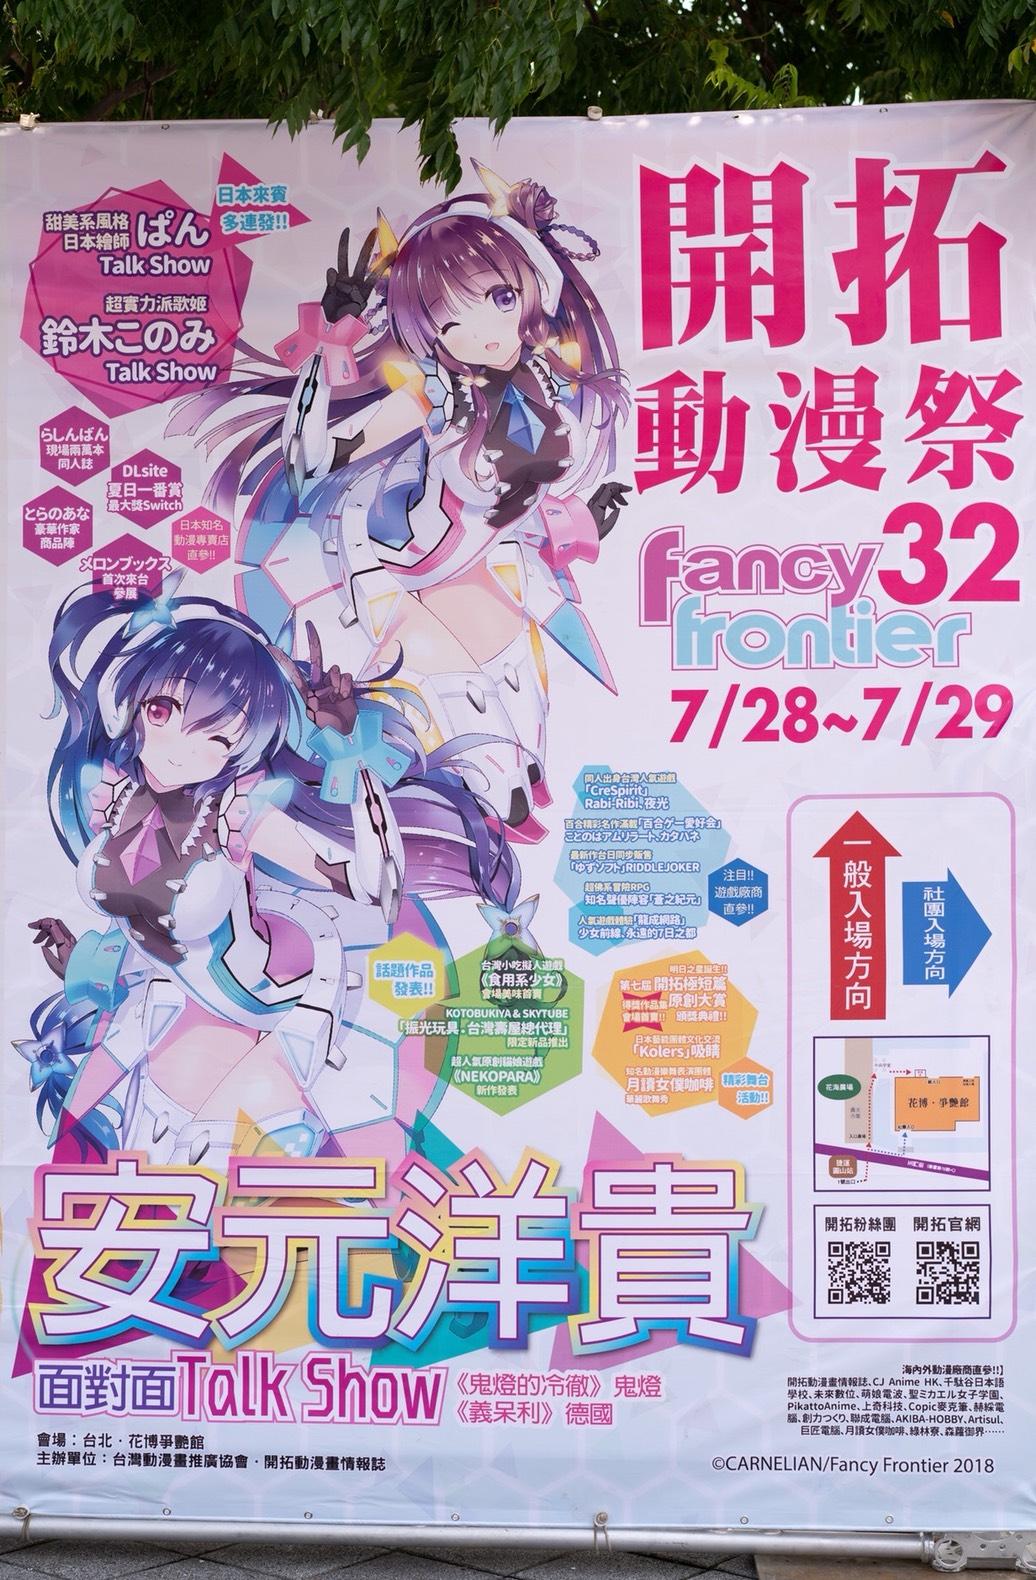 """台湾版コミケ【台湾FANCY FRONTIER  イベントレポート】 /   Event Report """"Taiwan FANCY FRONTIER"""""""